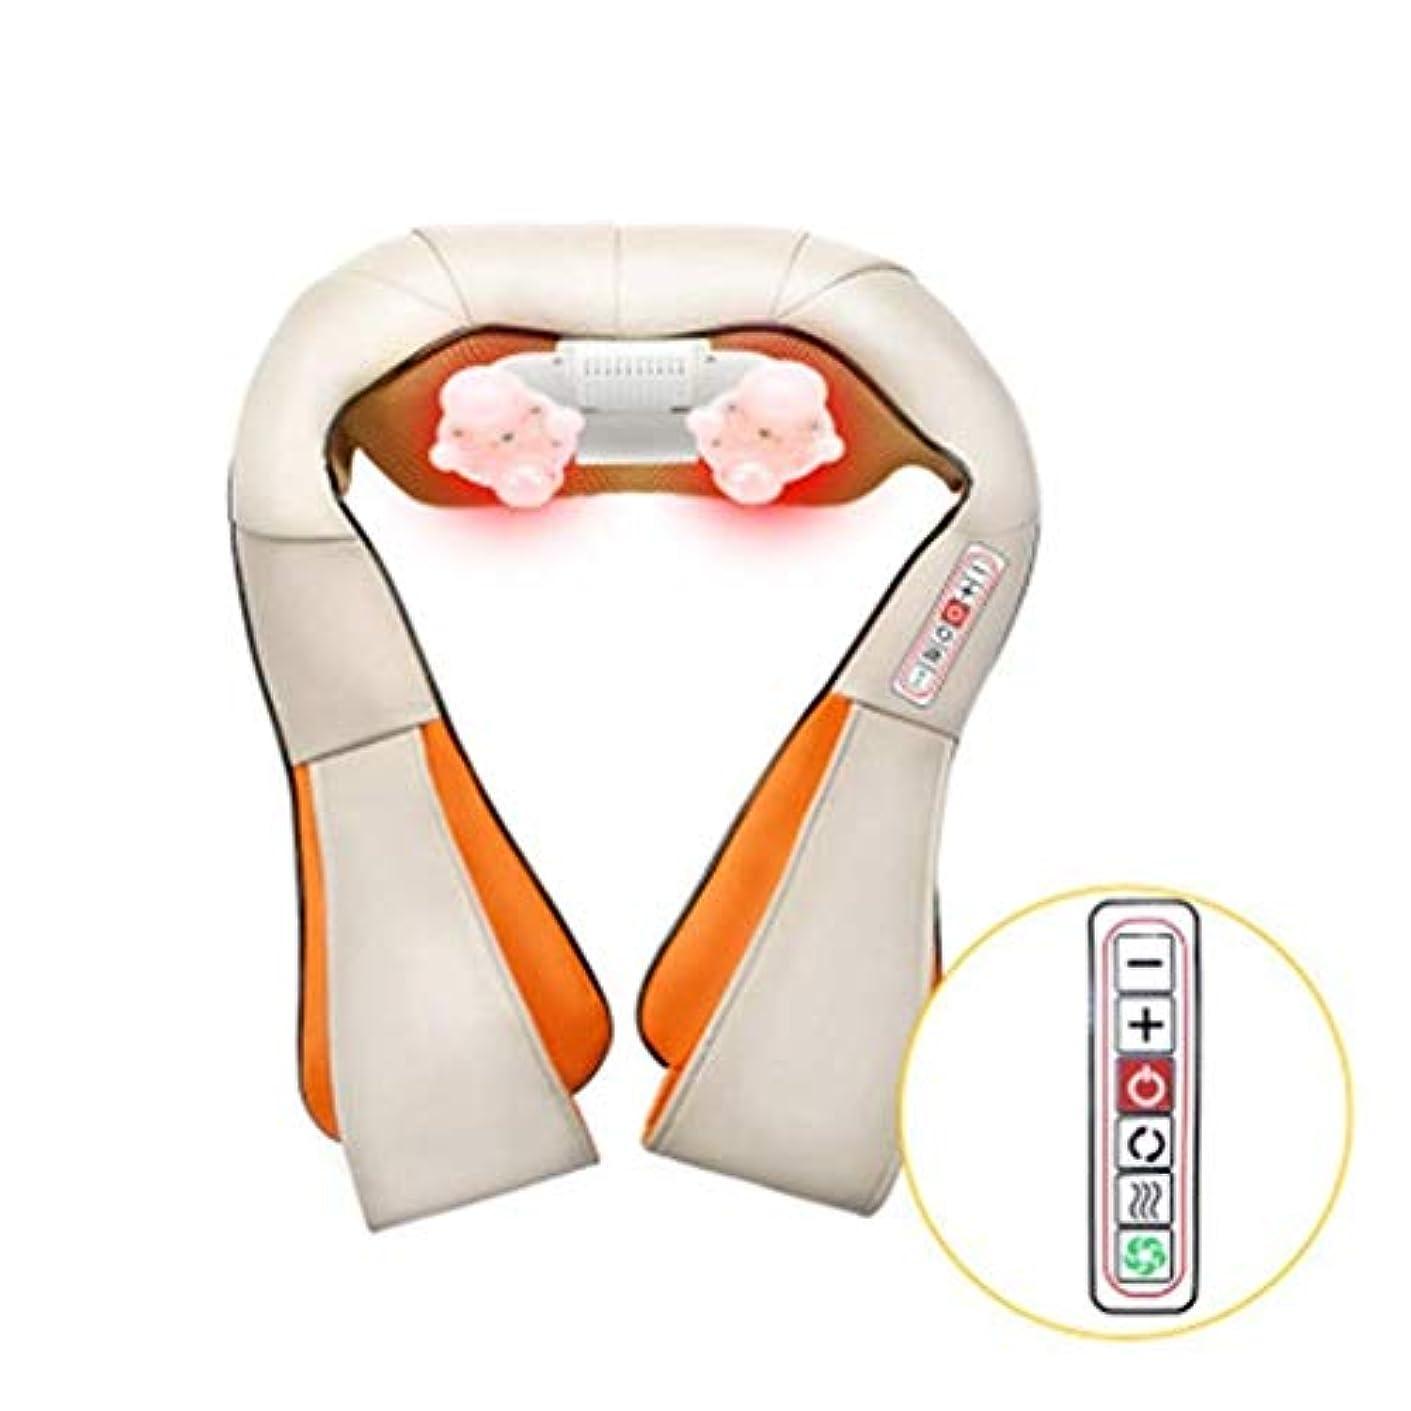 サミット貫入メディック首のマッサージャー、首と背中の肩のマッサージャー、揉みマッサージ枕、足のマッサージ - 緊張の筋肉を和らげる、血液循環、睡眠を改善する (Color : White)